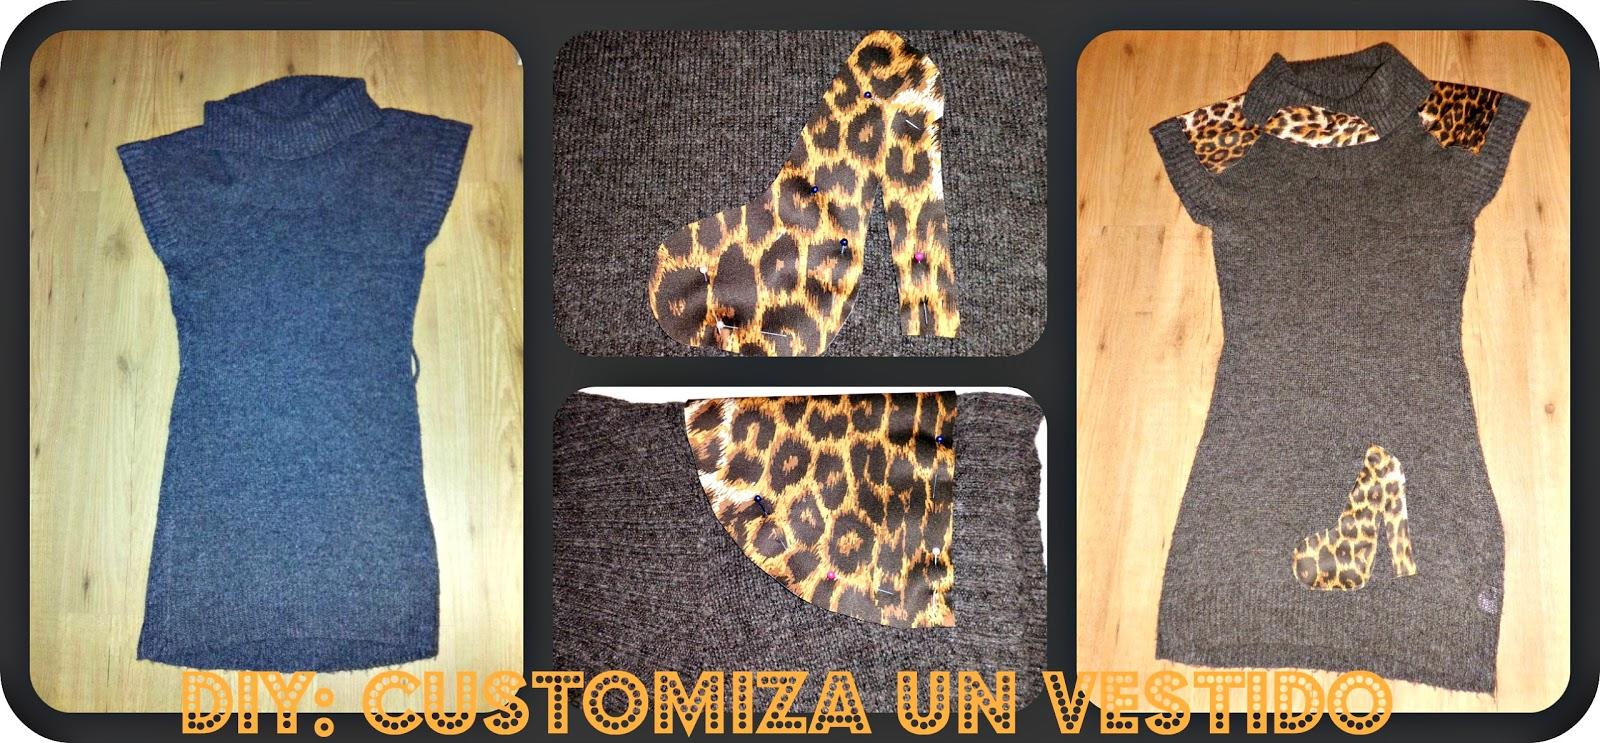 customiza un vestido de punto con retales de animal print en los hombros cuello y uno en forma de zapato de plataforma ,cosido a maquina